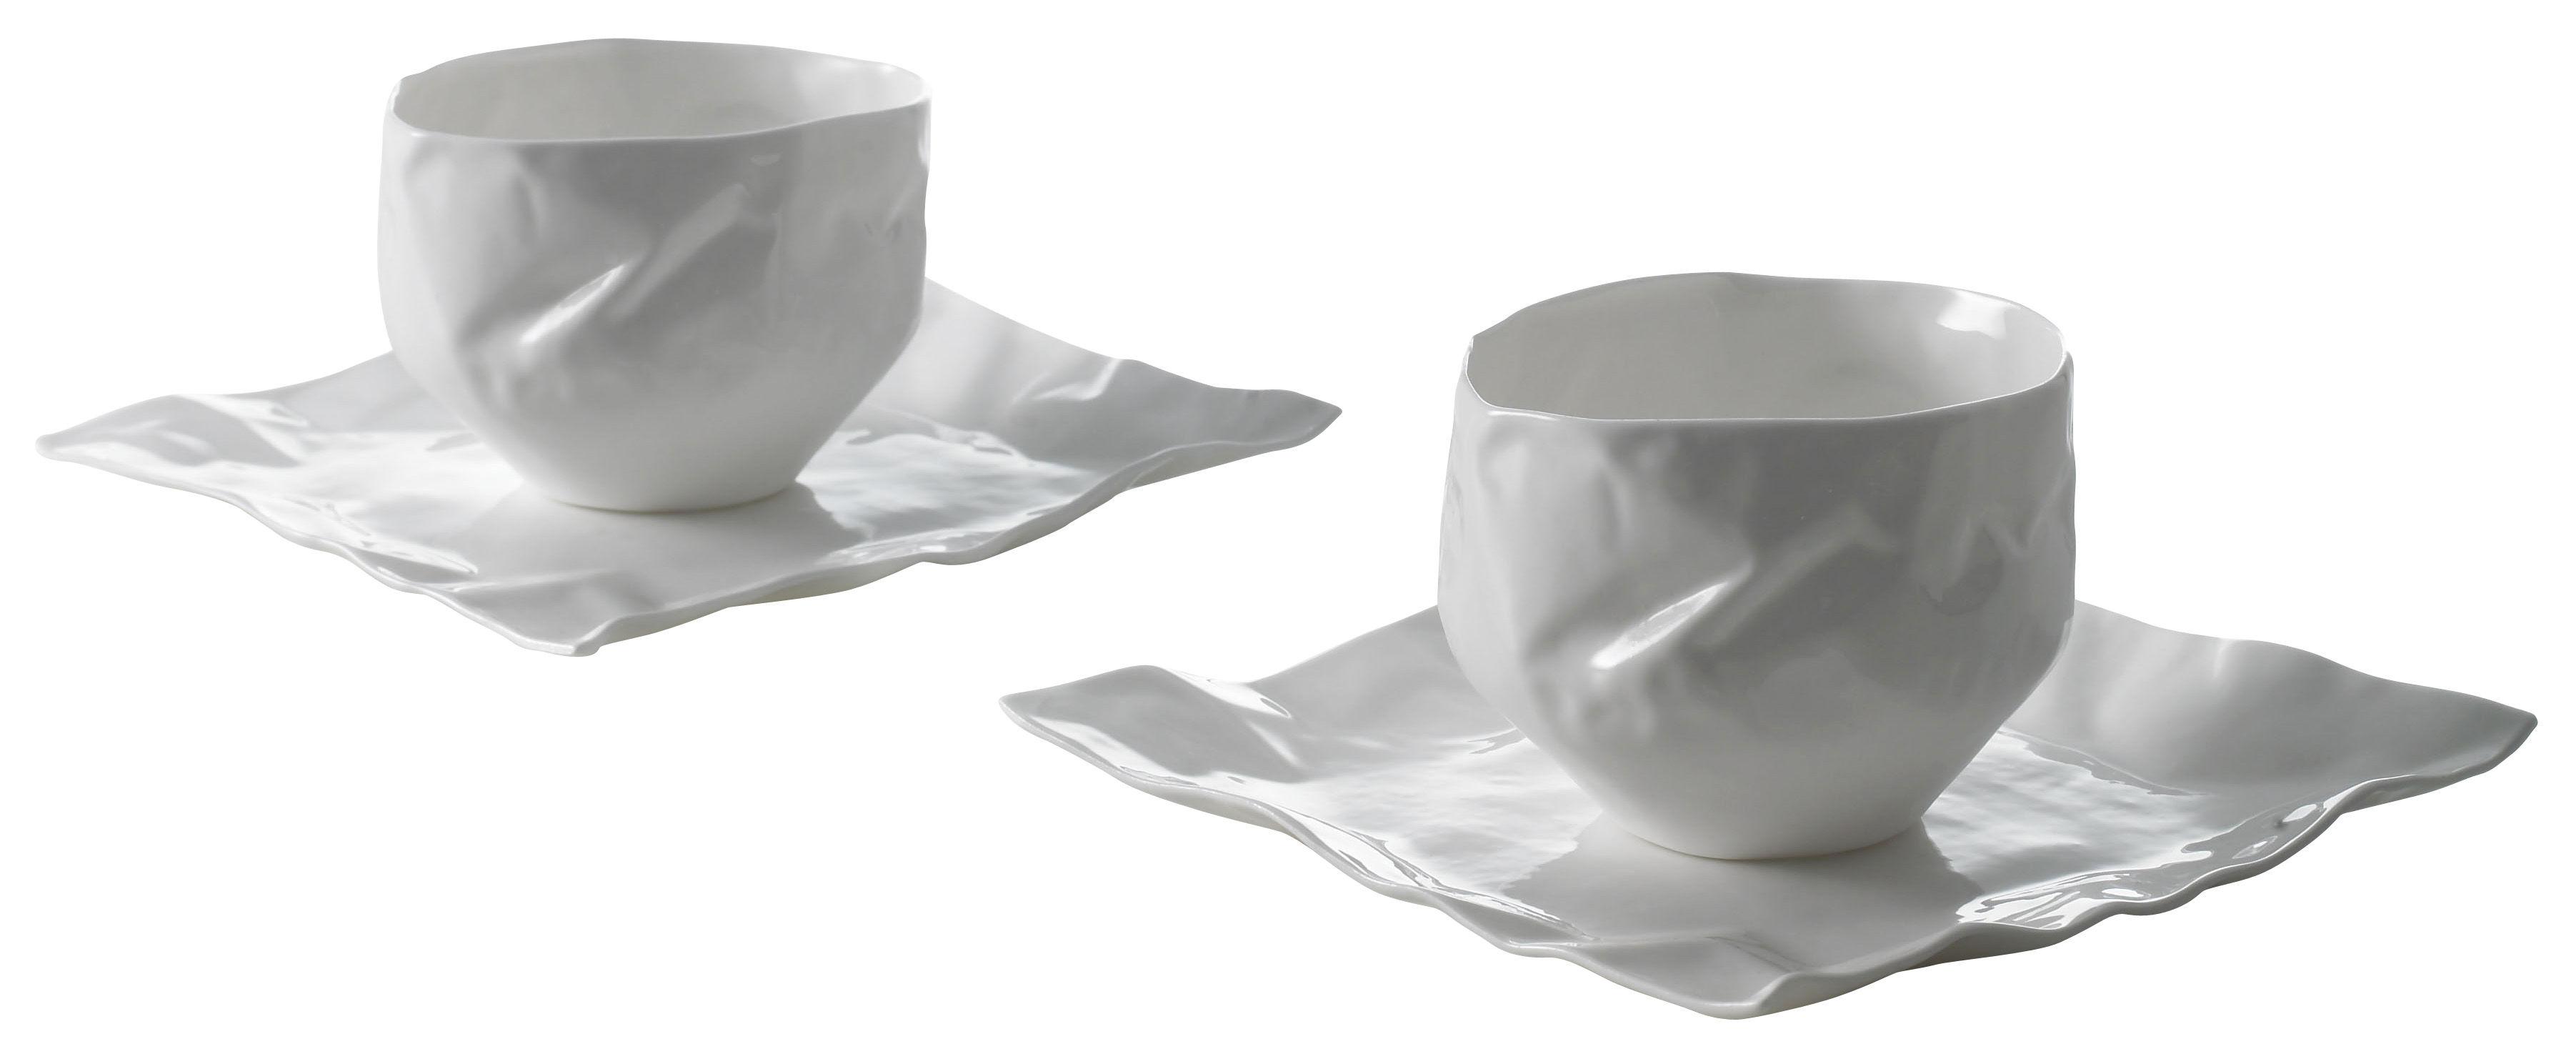 Tischkultur - Tassen und Becher - Adelaïde XIV Geschirr-Set Set mit 2 Tassen und 2 Untertassen - Driade Kosmo - Weiß - chinesisches Weich-Porzellan